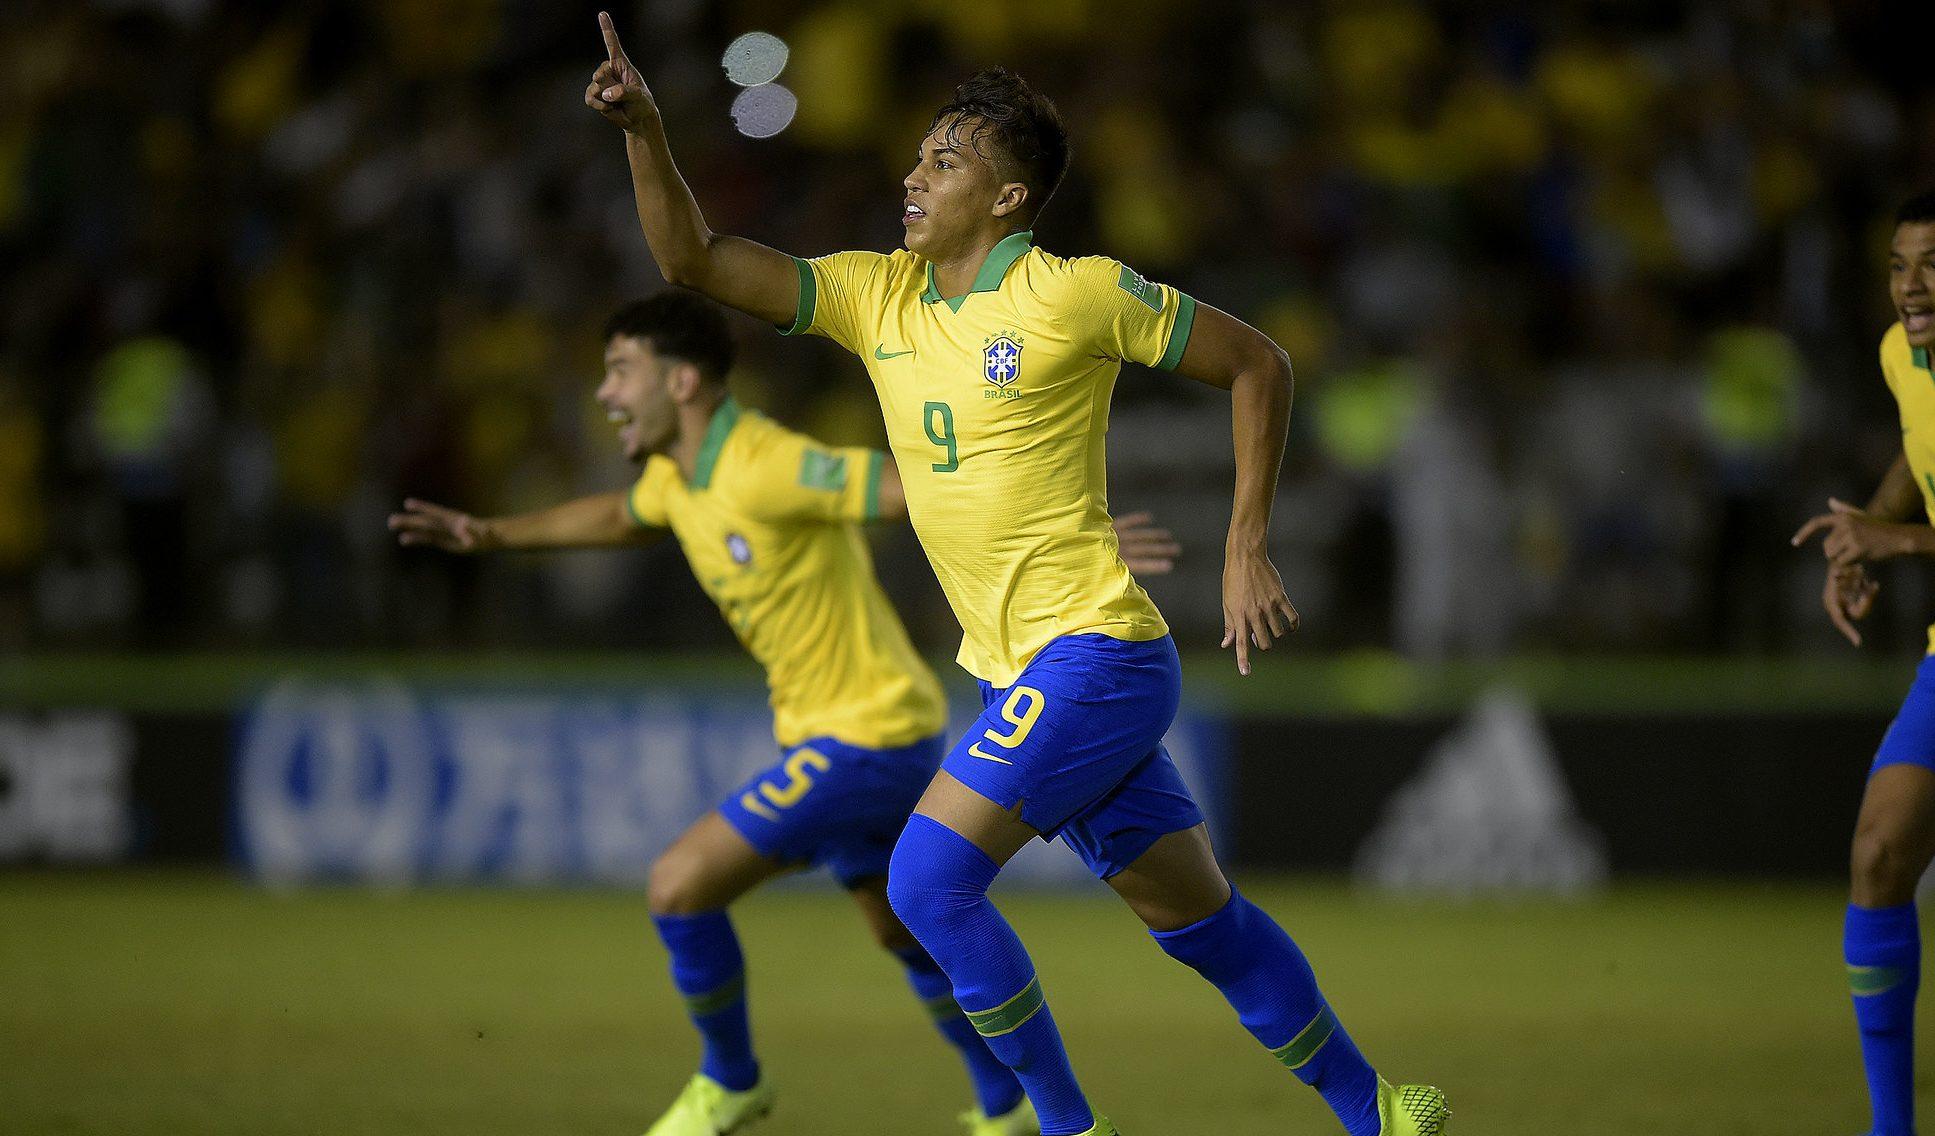 Em jogo com duas viradas, o Brasil se recupera, com gols de Kaio Jorge e Diego Rosa, e garante vaga nas quartas de final